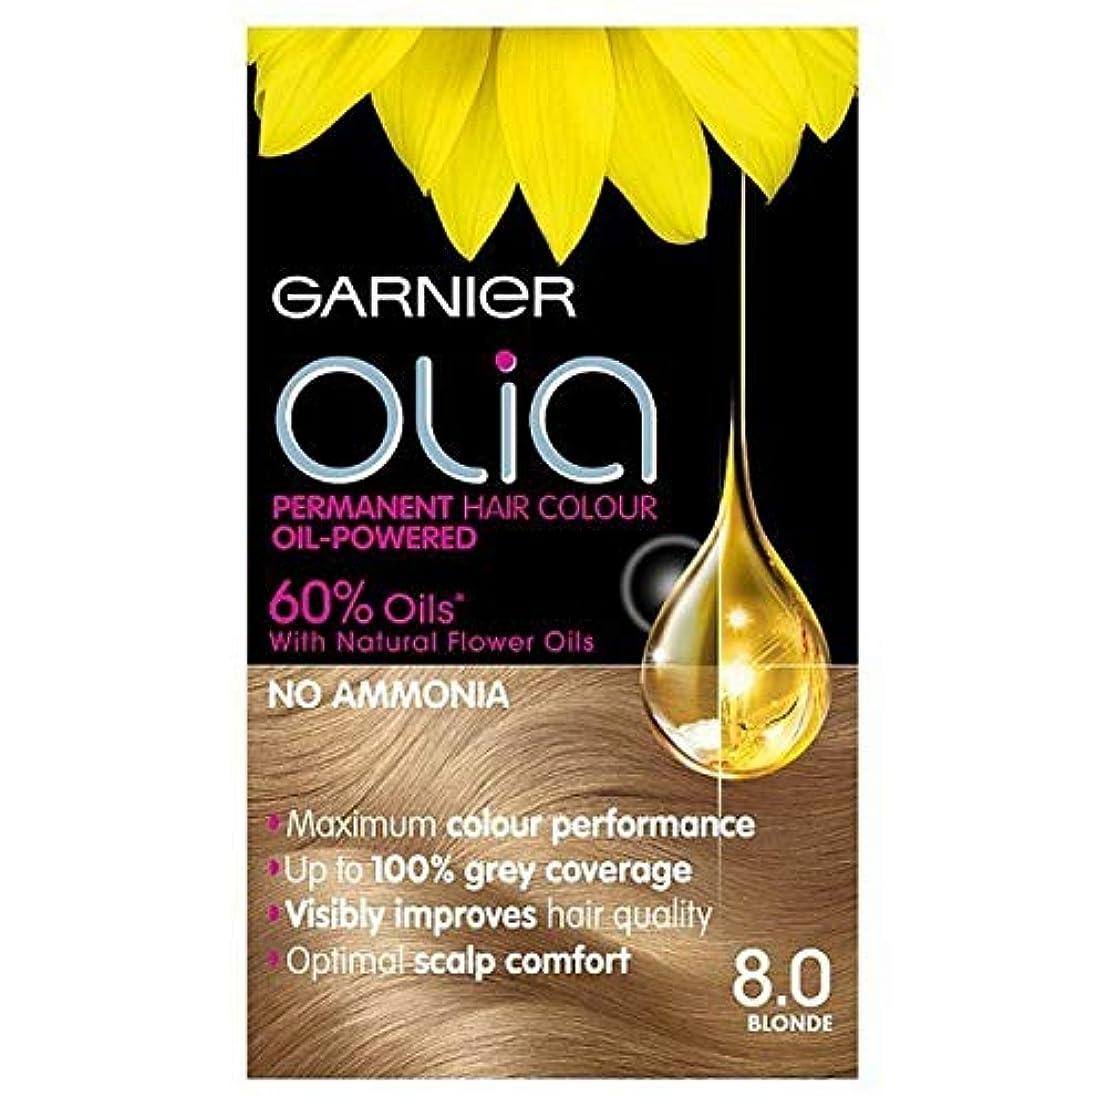 私達意味する膨張する[Garnier ] 8.0ブロンドガルニエOliaパーマネントヘアダイ - Garnier Olia Permanent Hair Dye Blonde 8.0 [並行輸入品]